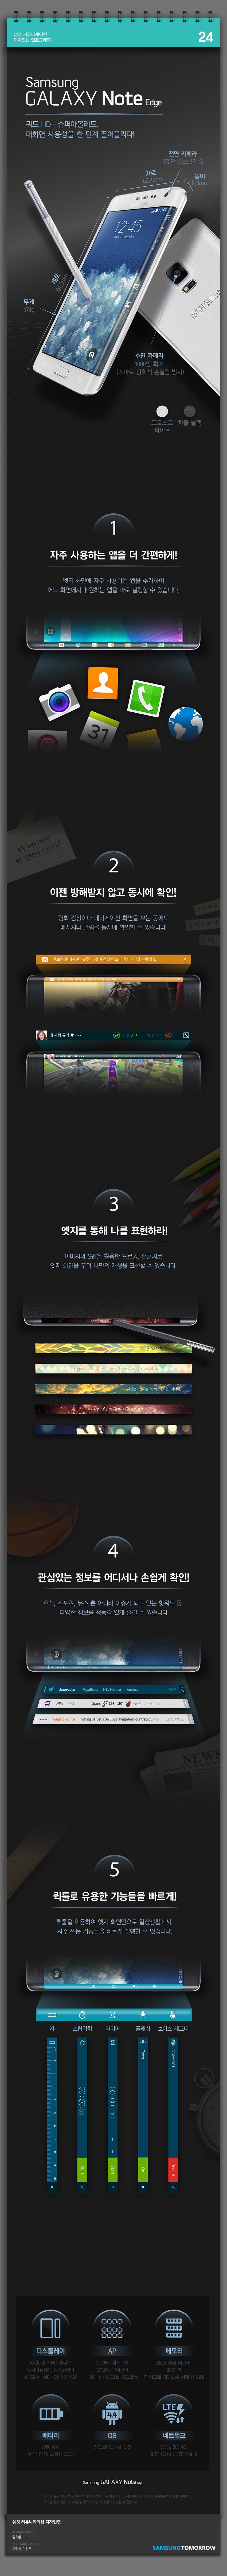 갤럭시 노트 엣지 인포그래픽. 삼성커뮤니케이션 디자인랩 인포그래픽 24. Samsung GALAXY Note Edge. 쿼드HD+슈퍼아몰레드, 대화면 사용성을 한단계 끌어올리다! 전면카메라 370만 화소(f1.9). 가로 82.4mm 높이 8.3mm 세로 151.3mm, 무게 174g. 후면 카메라 1600만 화소(스마트 광학식 손떨림 방지) 프로스트 화이트, 챠콜 블랙. 1. 자주사용하는 앱을 더 간편하게! 엣지화면에 자주 사용하는 앱을 추가하여 어느 화면에서나 원하는 앱을 바로 실행할 수 있습니다. 2. 이젠 방해받지 않고 동시에 확인! 영화 감상이나 네비게이션 화면을 보는 중에도 메시지나 알람을 동시에 확인할 수 있습니다. 3. 엣지를 통해 나를 표현하라! 이미지와 S펜을 활용한 드로잉, 손글씨로 엣지 화면을 꾸며 나만의 개성을 표현할 수 있습니다. 4. 관심있는 정보를 어디서나 손쉽게 확인. 주식,스포츠,뉴스 뿐 아니라 이슈가 되고 있는 핫워드 등 다양한 정보를 생동감 있게 즐길 수 있습니다. 5. 퀵툴로 유용한 기능들을 빠르게. 퀵툴을 이용하여 엣지 화면만으로 일상생활에서 자주 쓰는 기능을 빠르게 실행할 수 있습니다. 자, 스탑워치, 타이머, 플래쉬, 보이스레코더. 디스플레이 5.6형 쿼드HD플러스 슈퍼아몰레드 디스플레이(2560x1440+2560x160), AP 2.7GHz 쿼드코어 1.9GHz 옥타코어 (1.9GHz+1.3GHz 쿼드코어), 메모리 32GB 내장메모리 3GB램(마이크로SD 슬롯 최대 128GB), 배터리 3000mAh(급속충전, 초절전 모드), OS. 안드로이드 4.4 킷캣. 네트워크 2.5G, 3G, 4G (LTE cat.4/LTE cat.6)